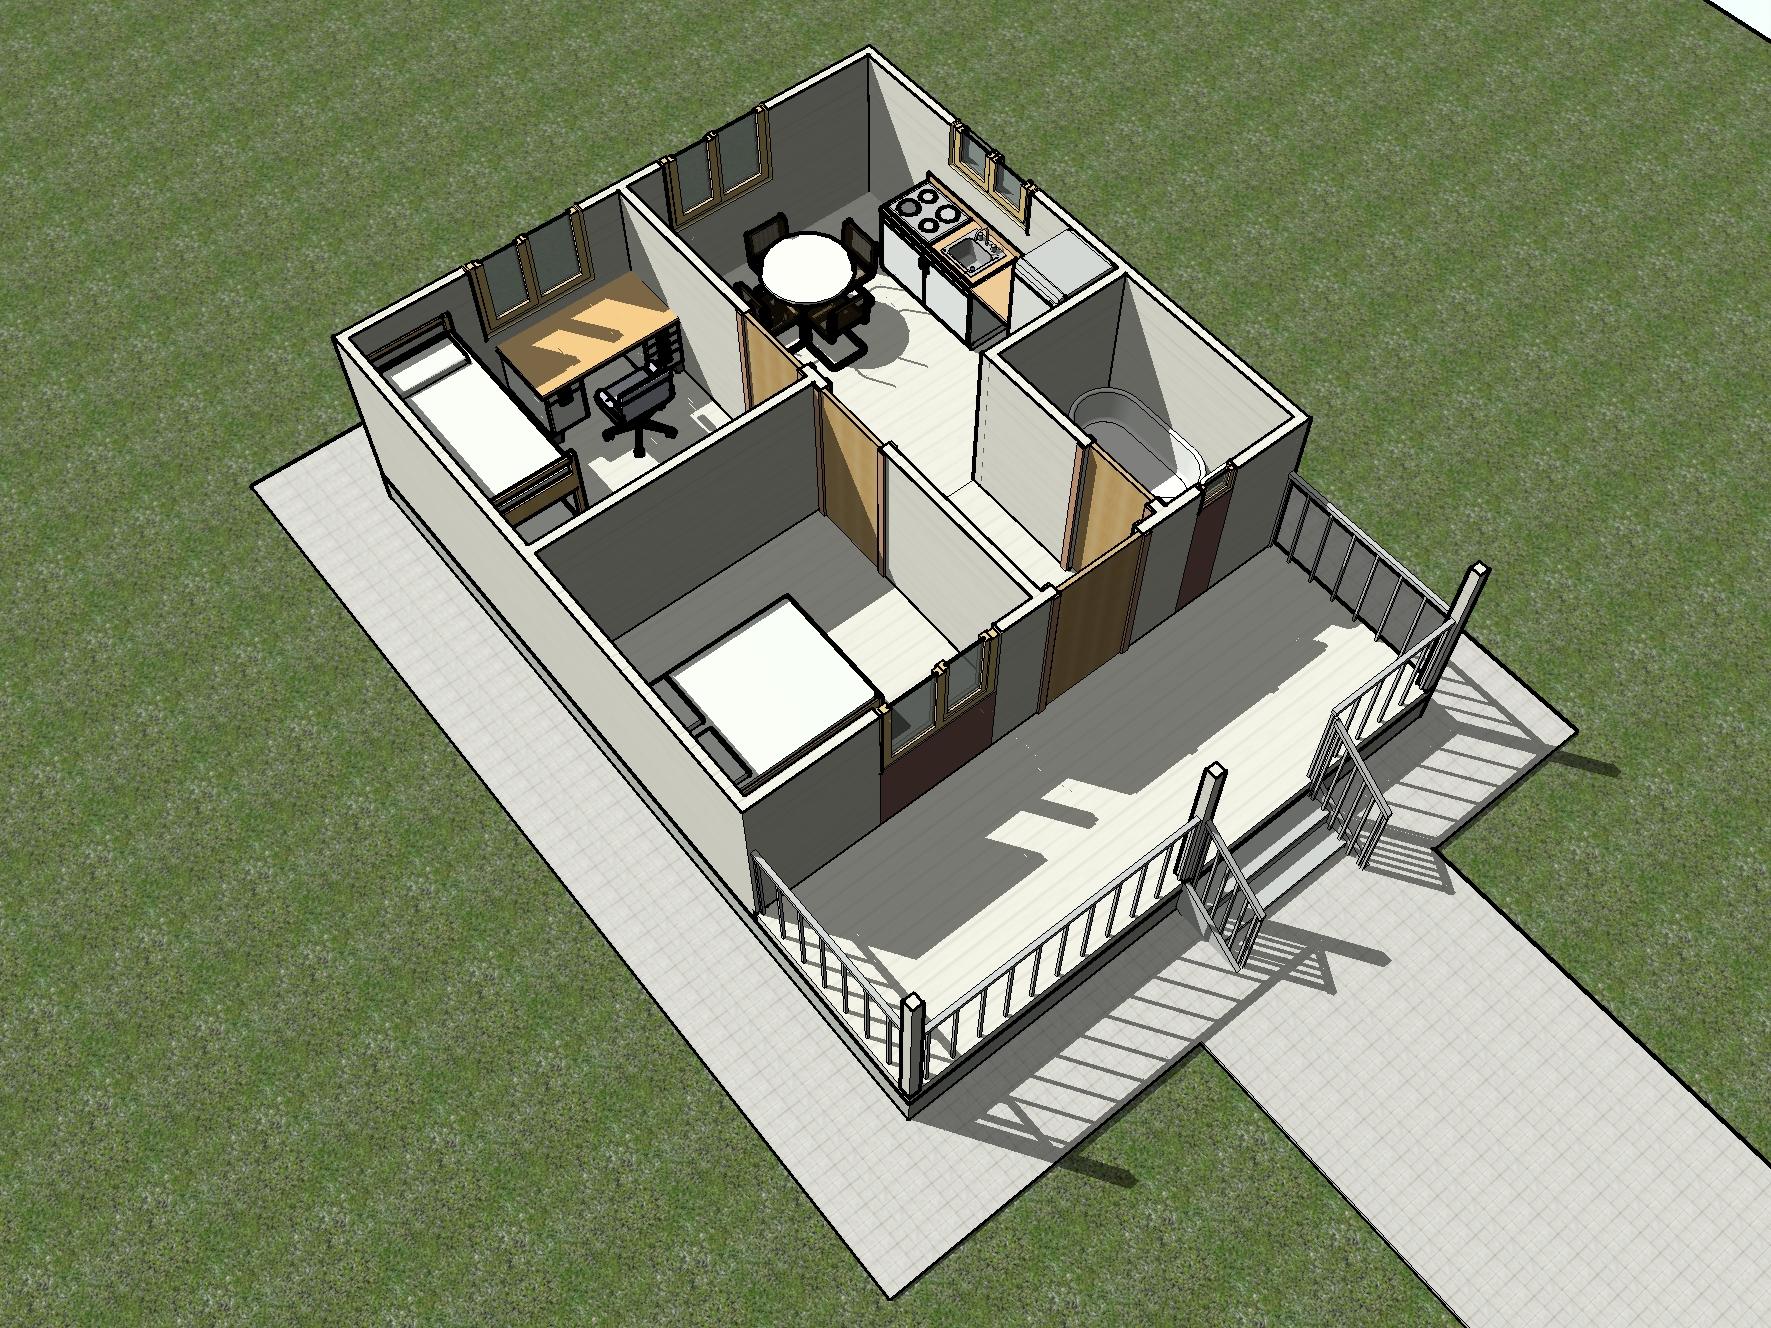 КД-15 - общий вид планировки дома